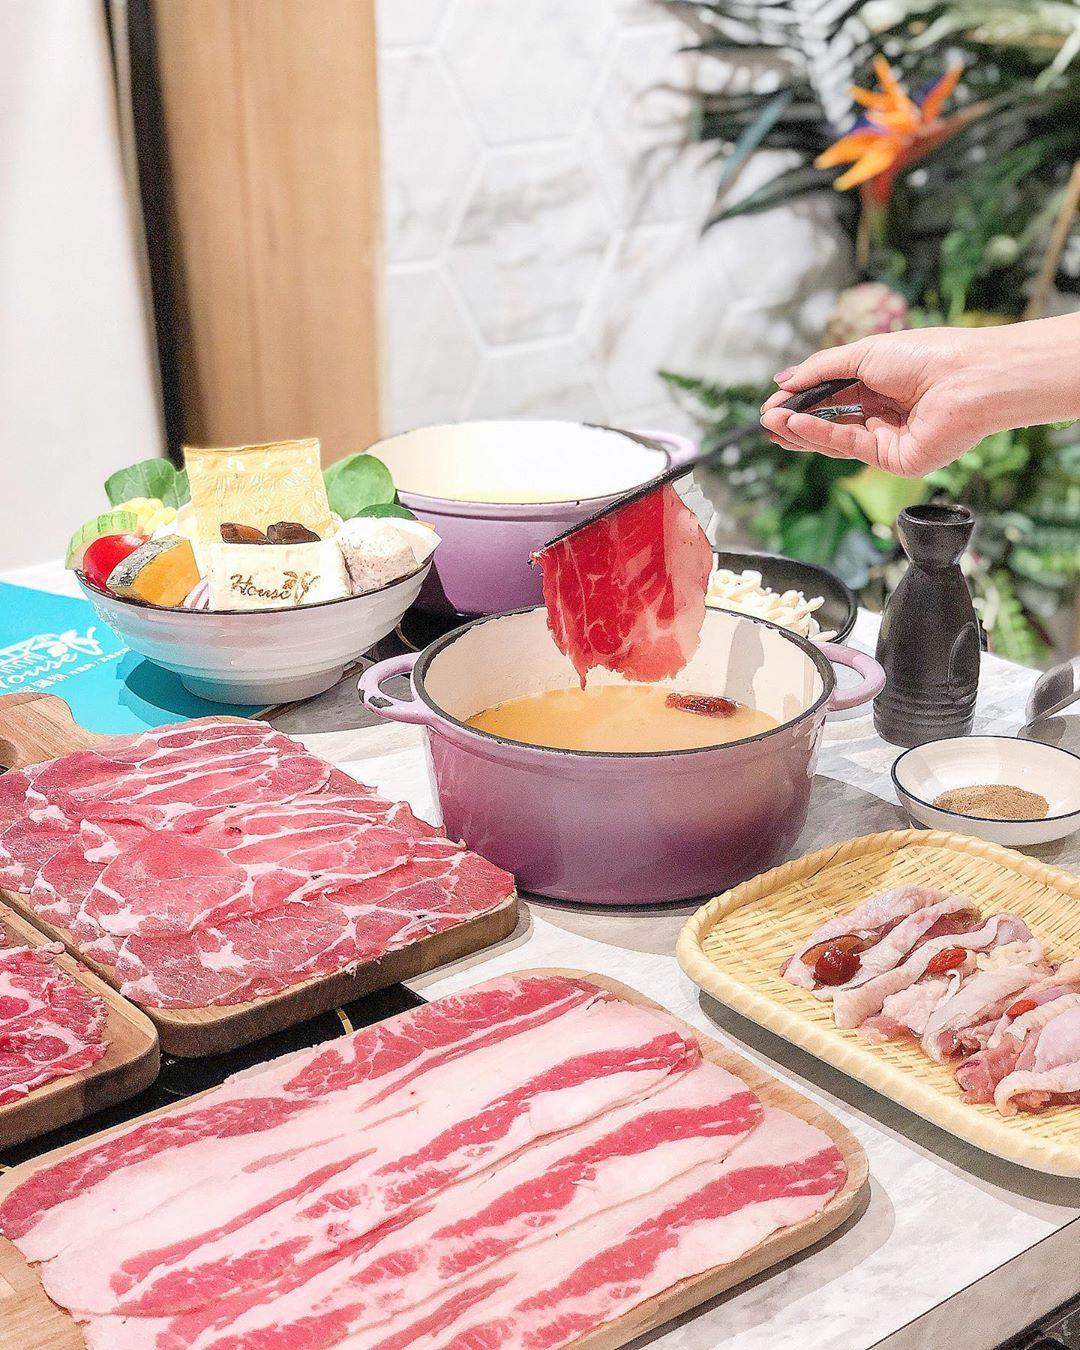 用餐空間亮麗好拍,肉品和食材的選擇也毫不馬虎!